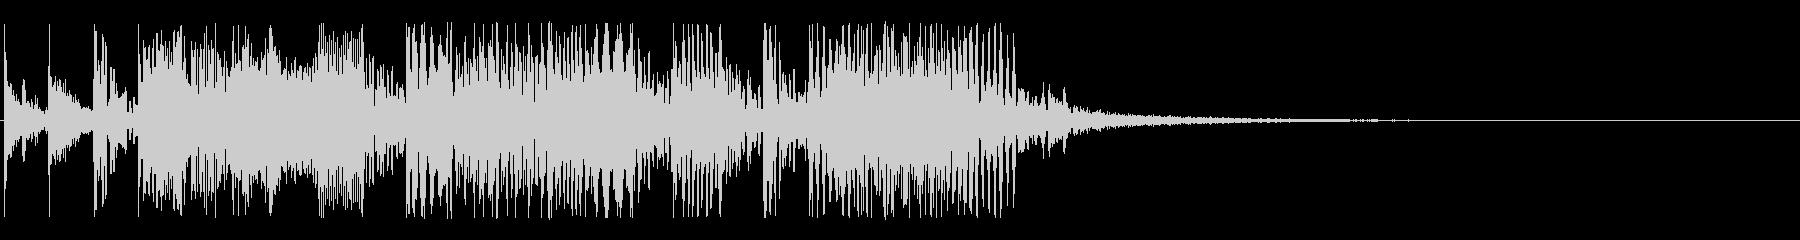 80年代風3ピースのファンキージングルの未再生の波形